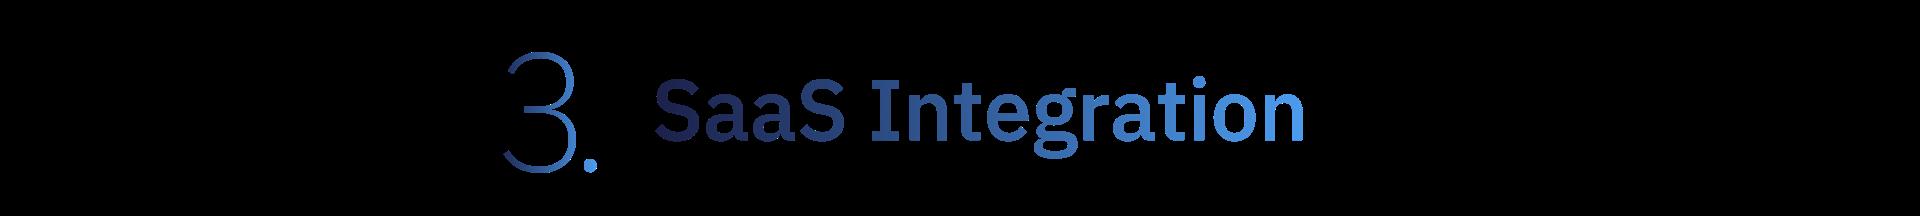 3. SaaS Integration